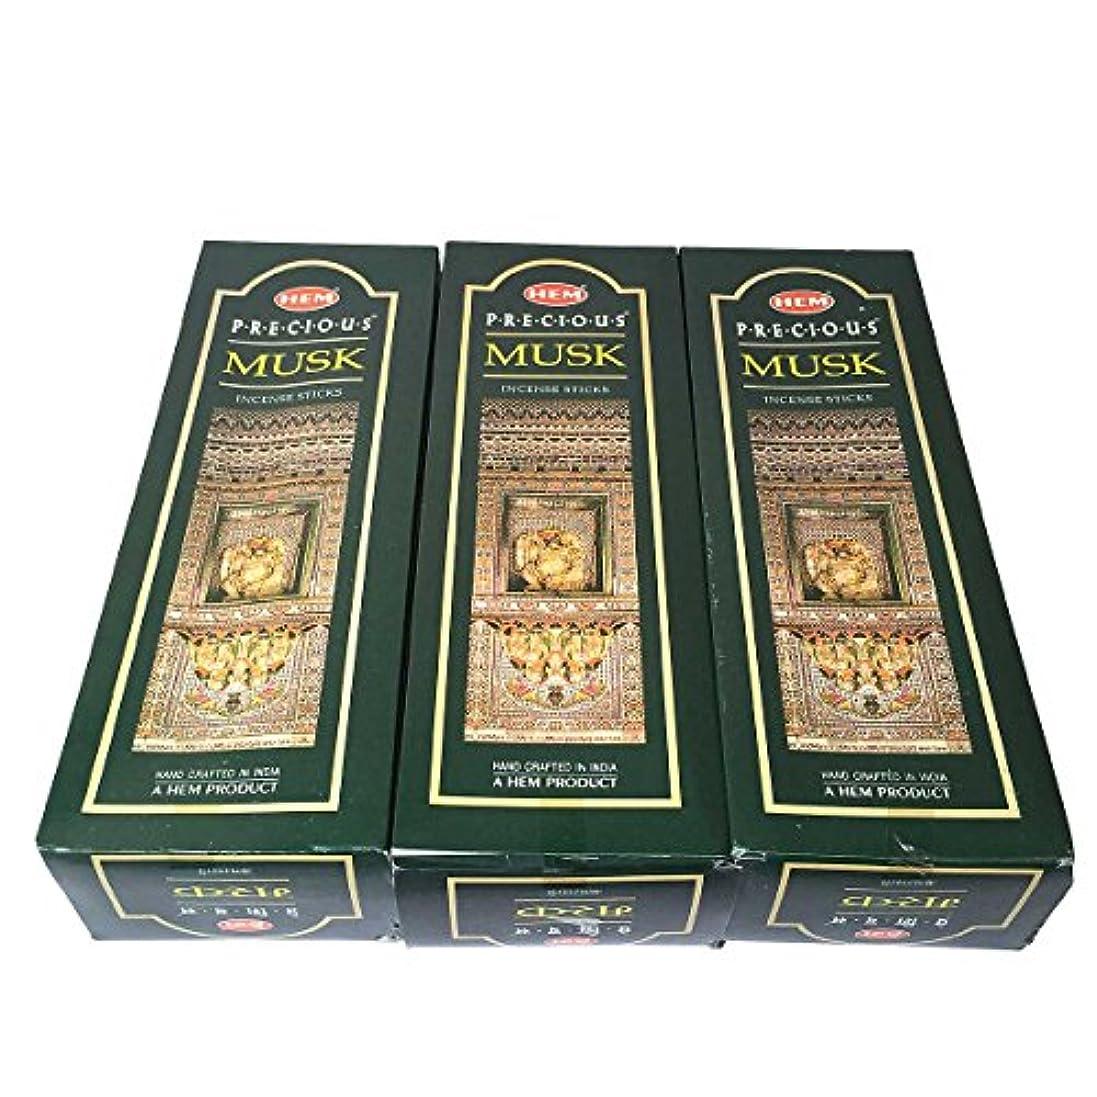 消化器テンポ保有者プレシャスムスク香スティック 3BOX(18箱) /HEM PRECIOUS MUSK/インセンス/インド香 お香 [並行輸入品]